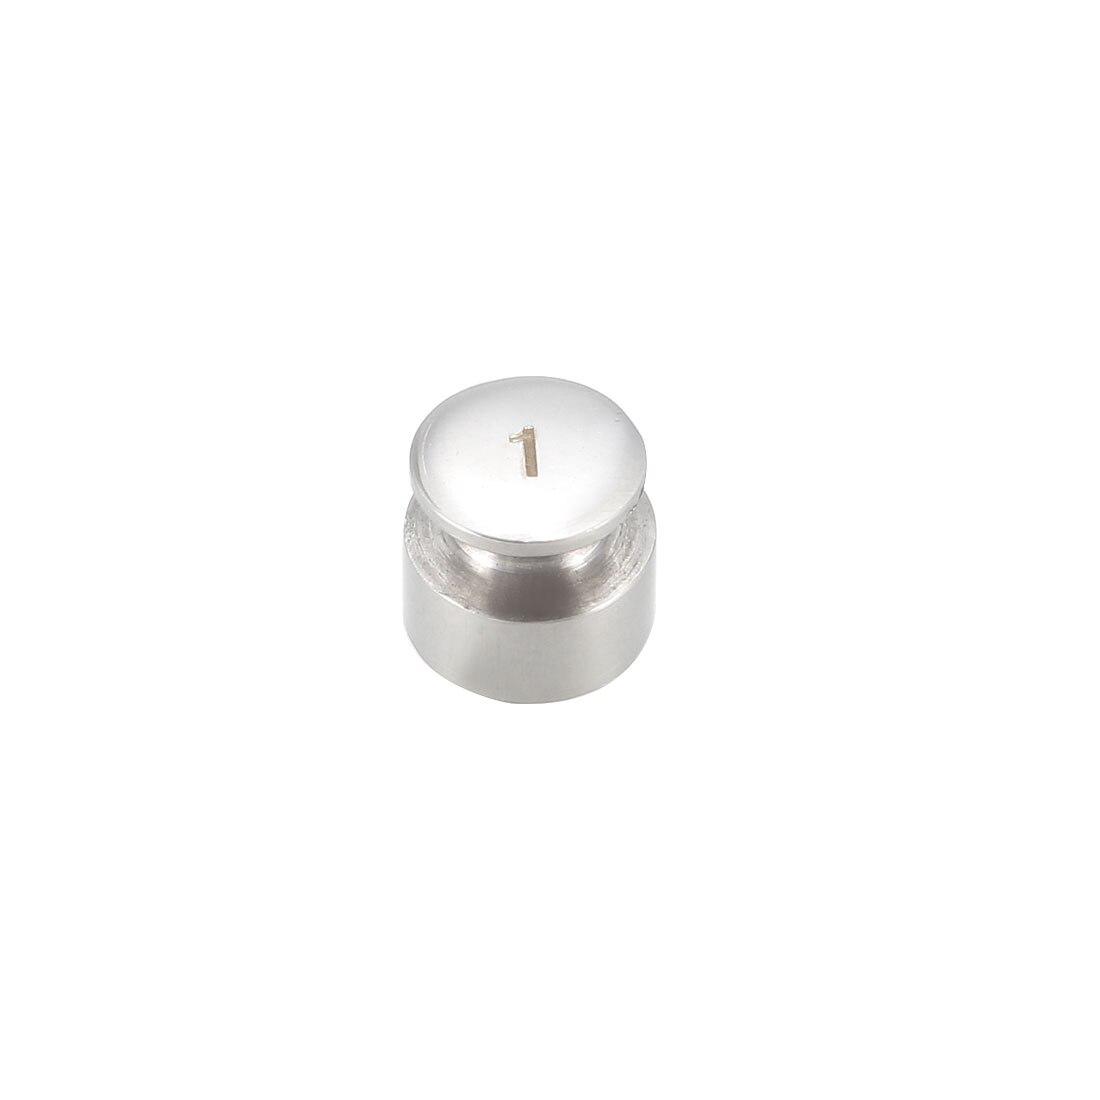 Peso de calibración uxcell Gram 1g F1 acero inoxidable de precisión para balanzas balanza Digital Balanza de bolsillo Balanza de quilates